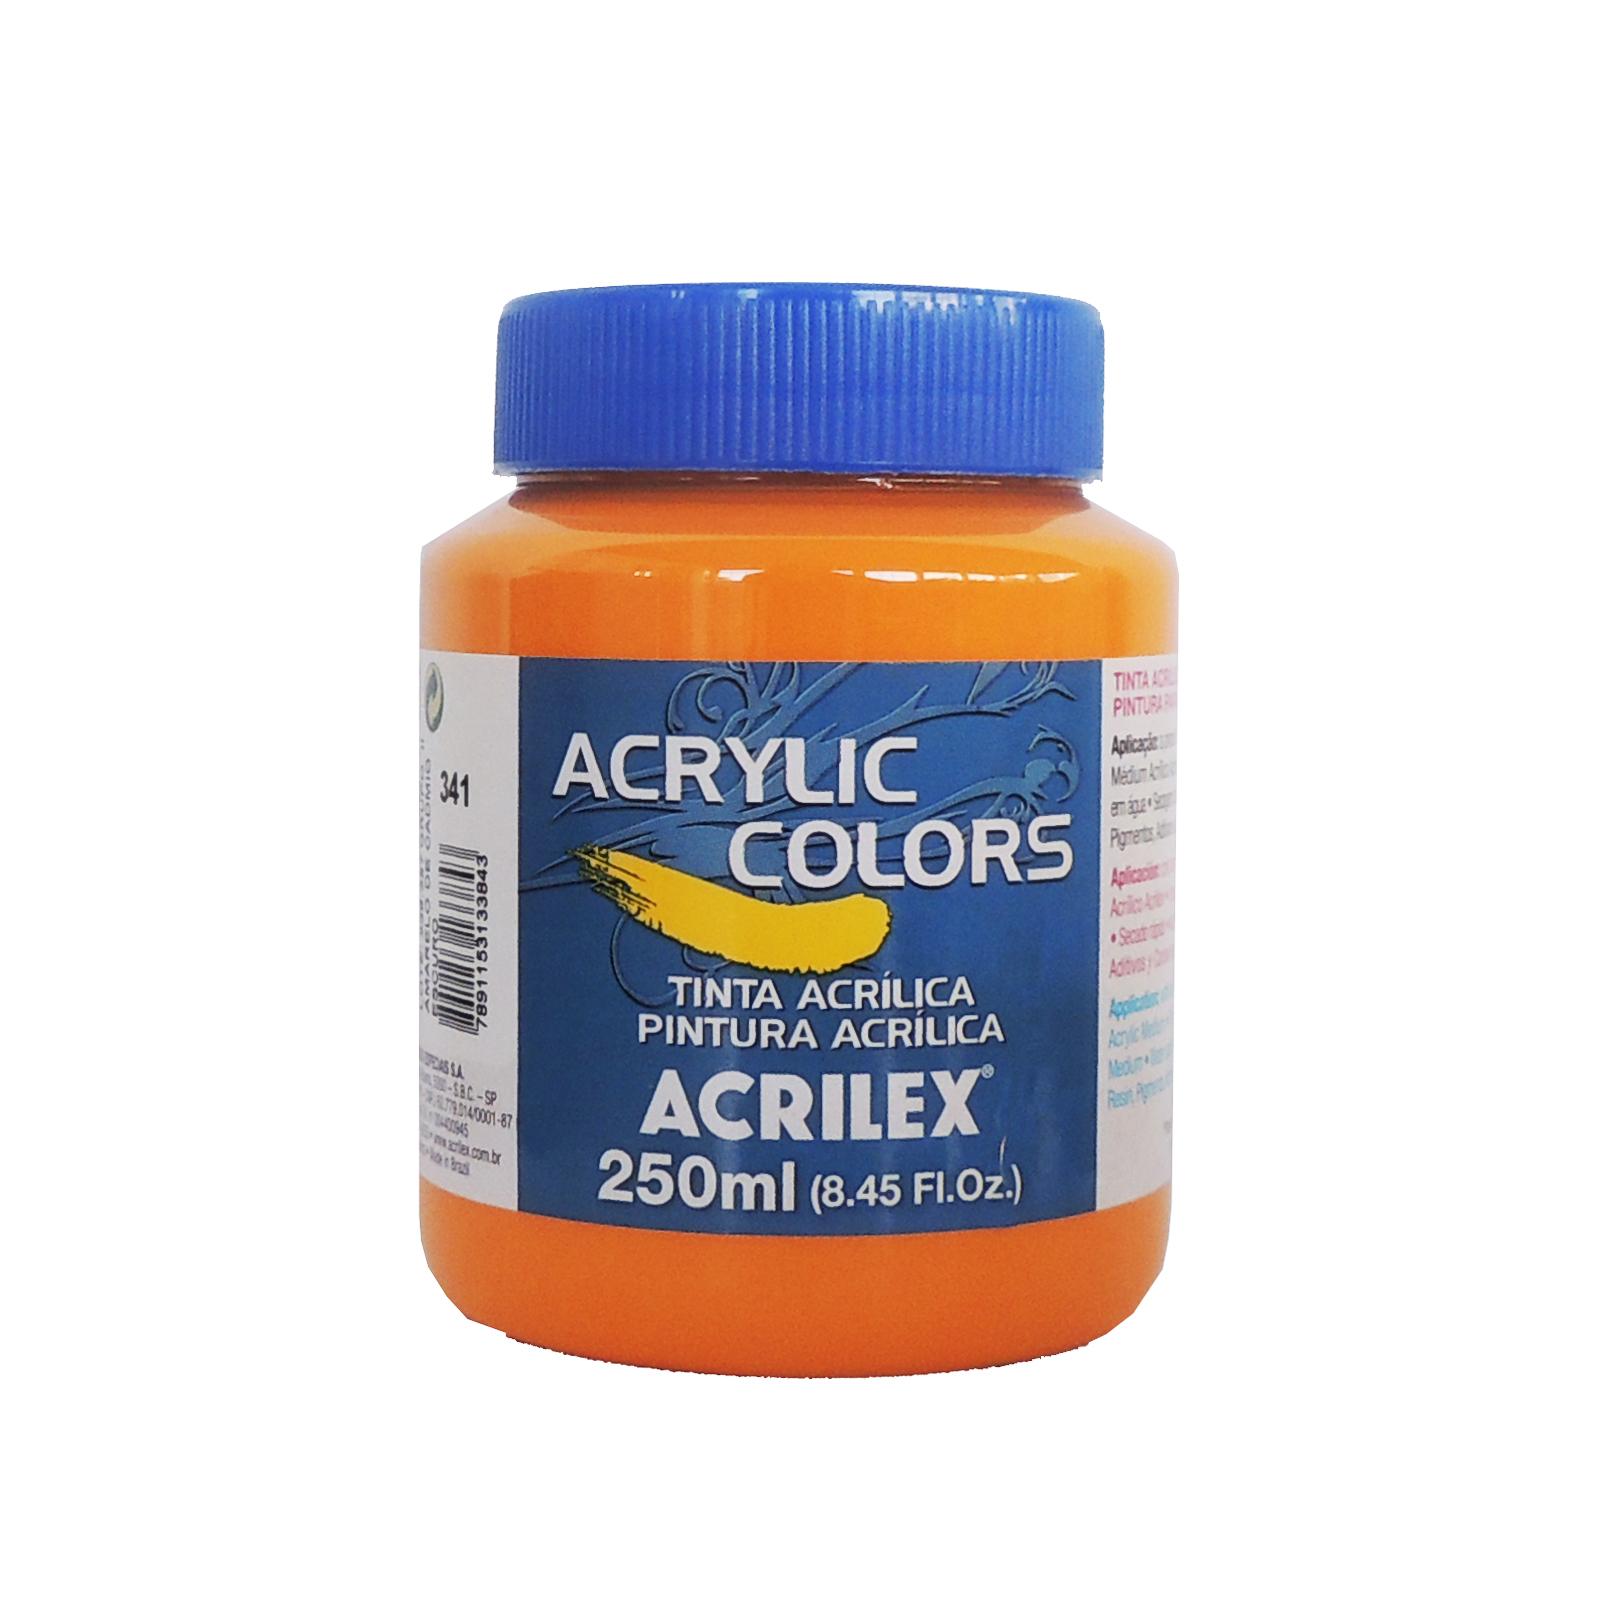 tinta-acrilica-acrilex-250ml-grupo-2-341-amarelo-cadmio-escuro